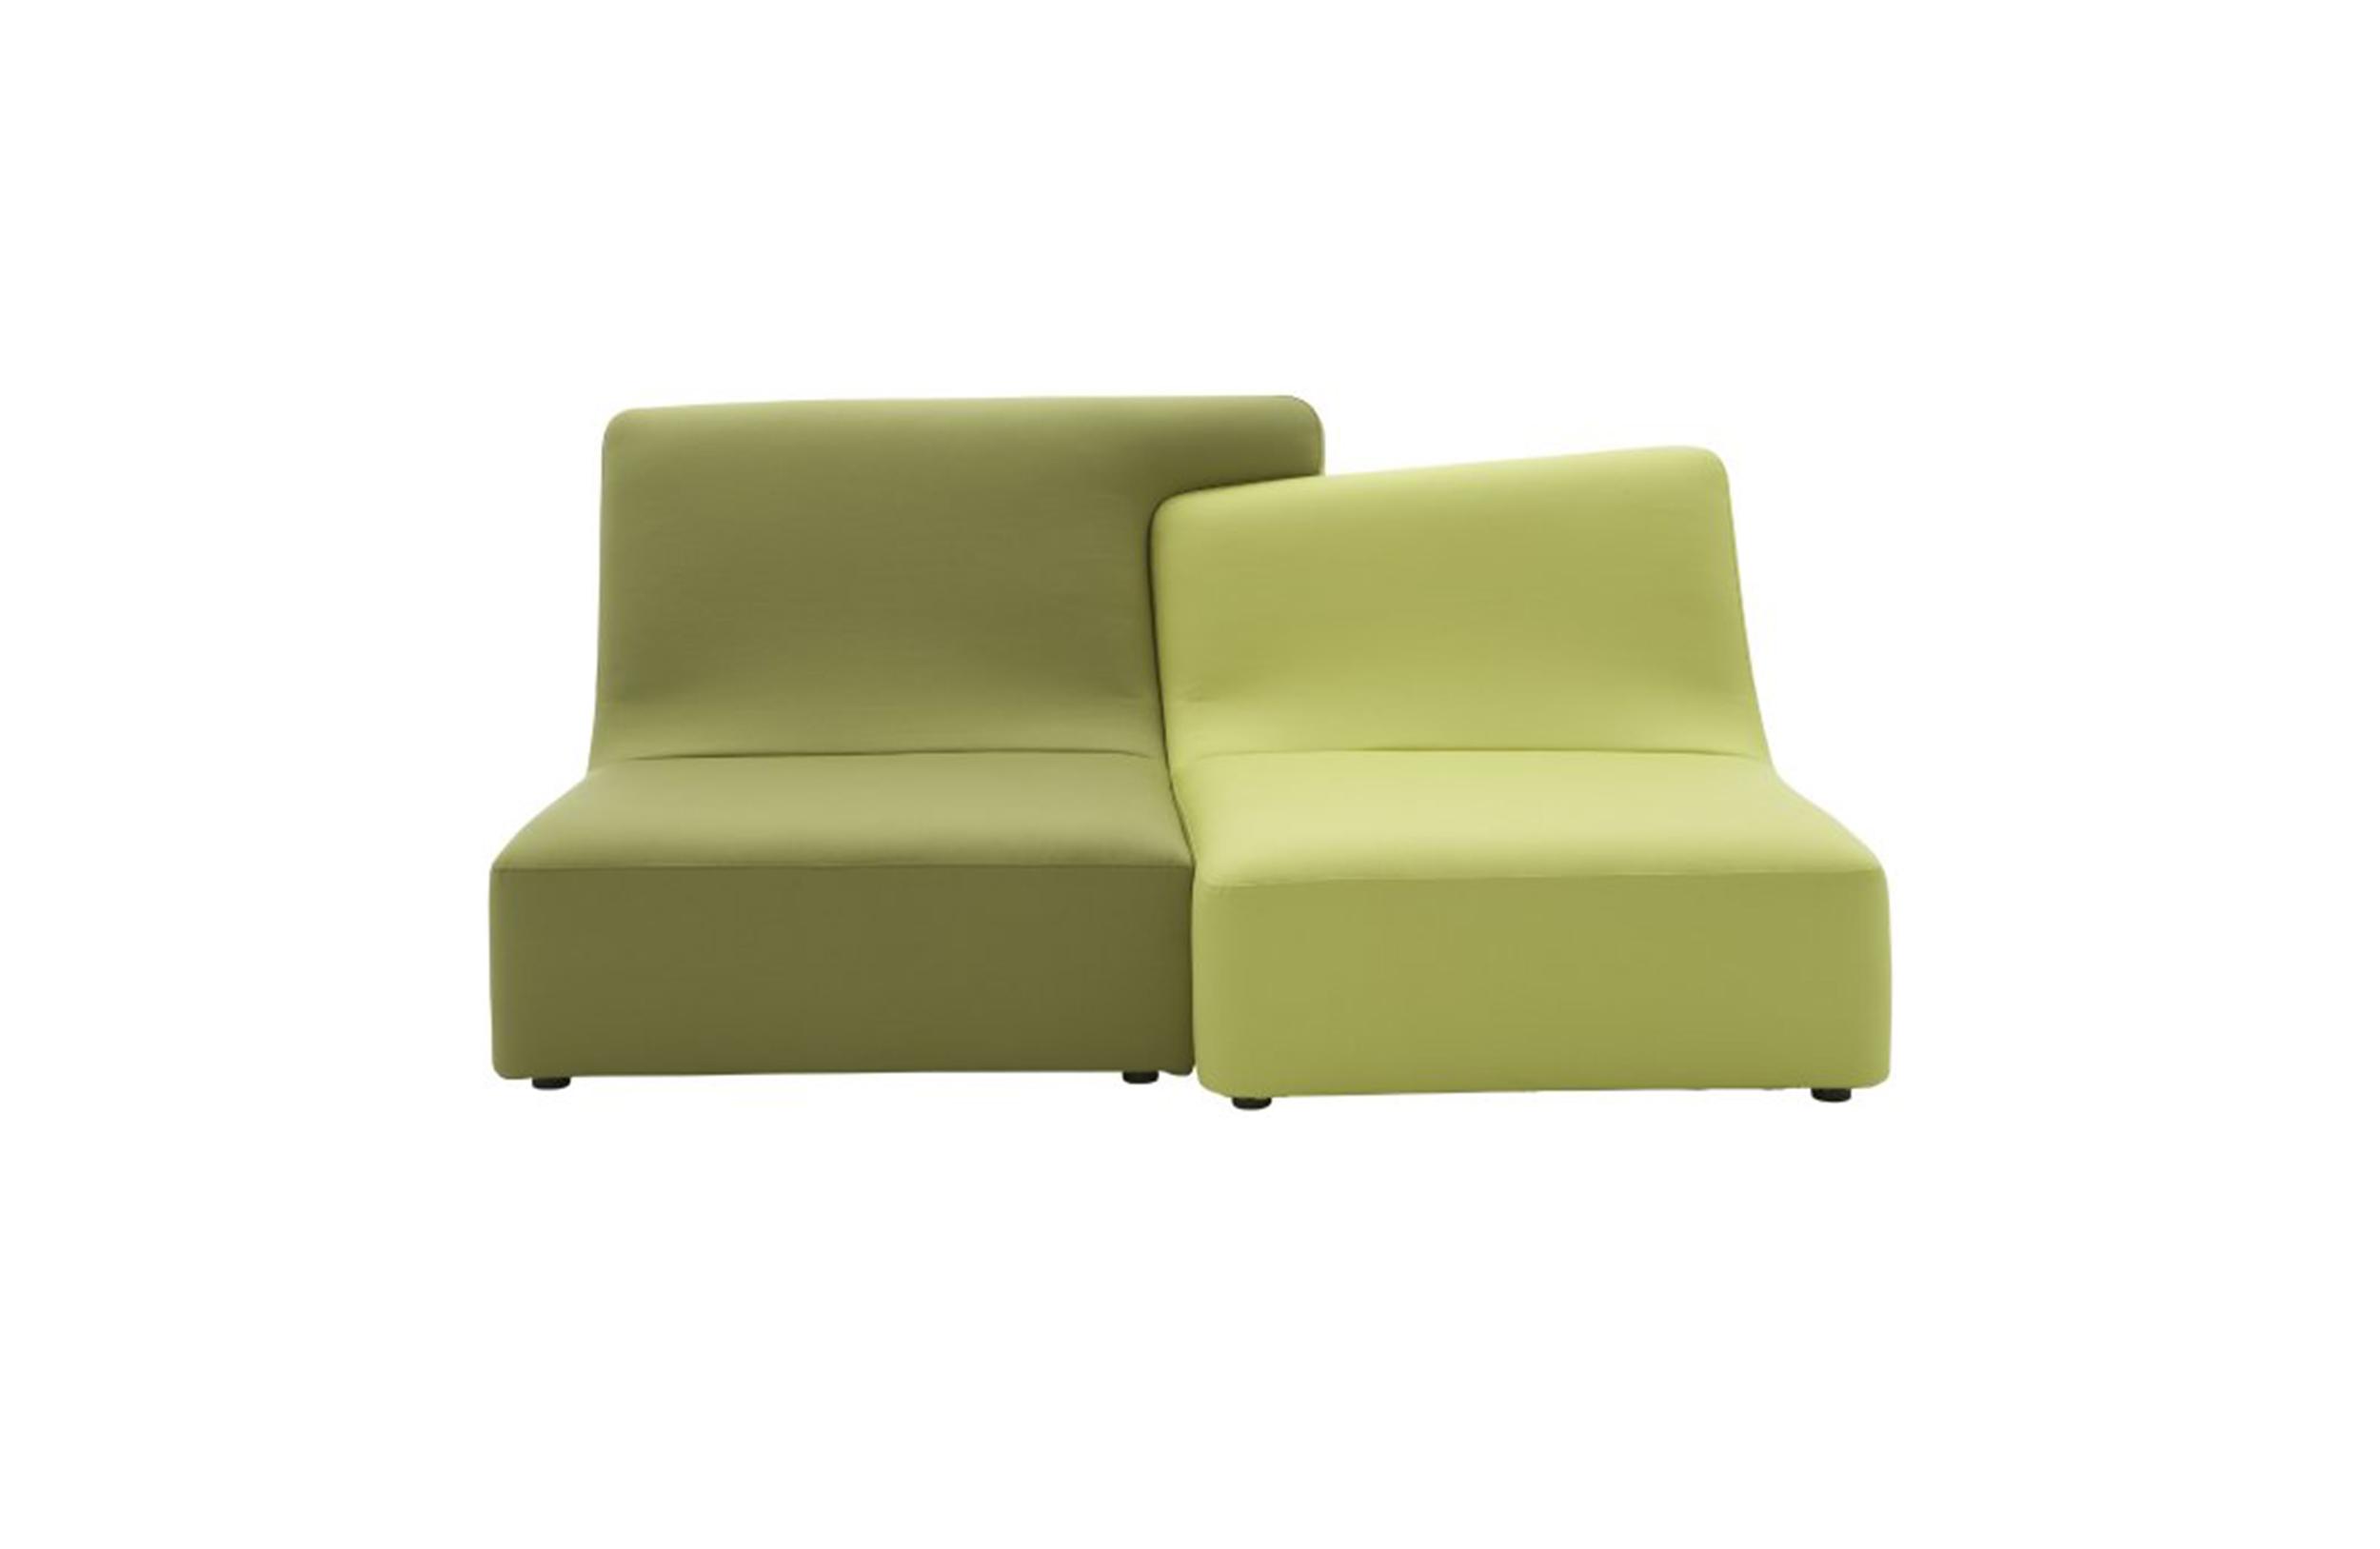 坐具|沙发|创意家具|现代家居|时尚家具|设计师家具|定制家具|实木家具|融合沙发